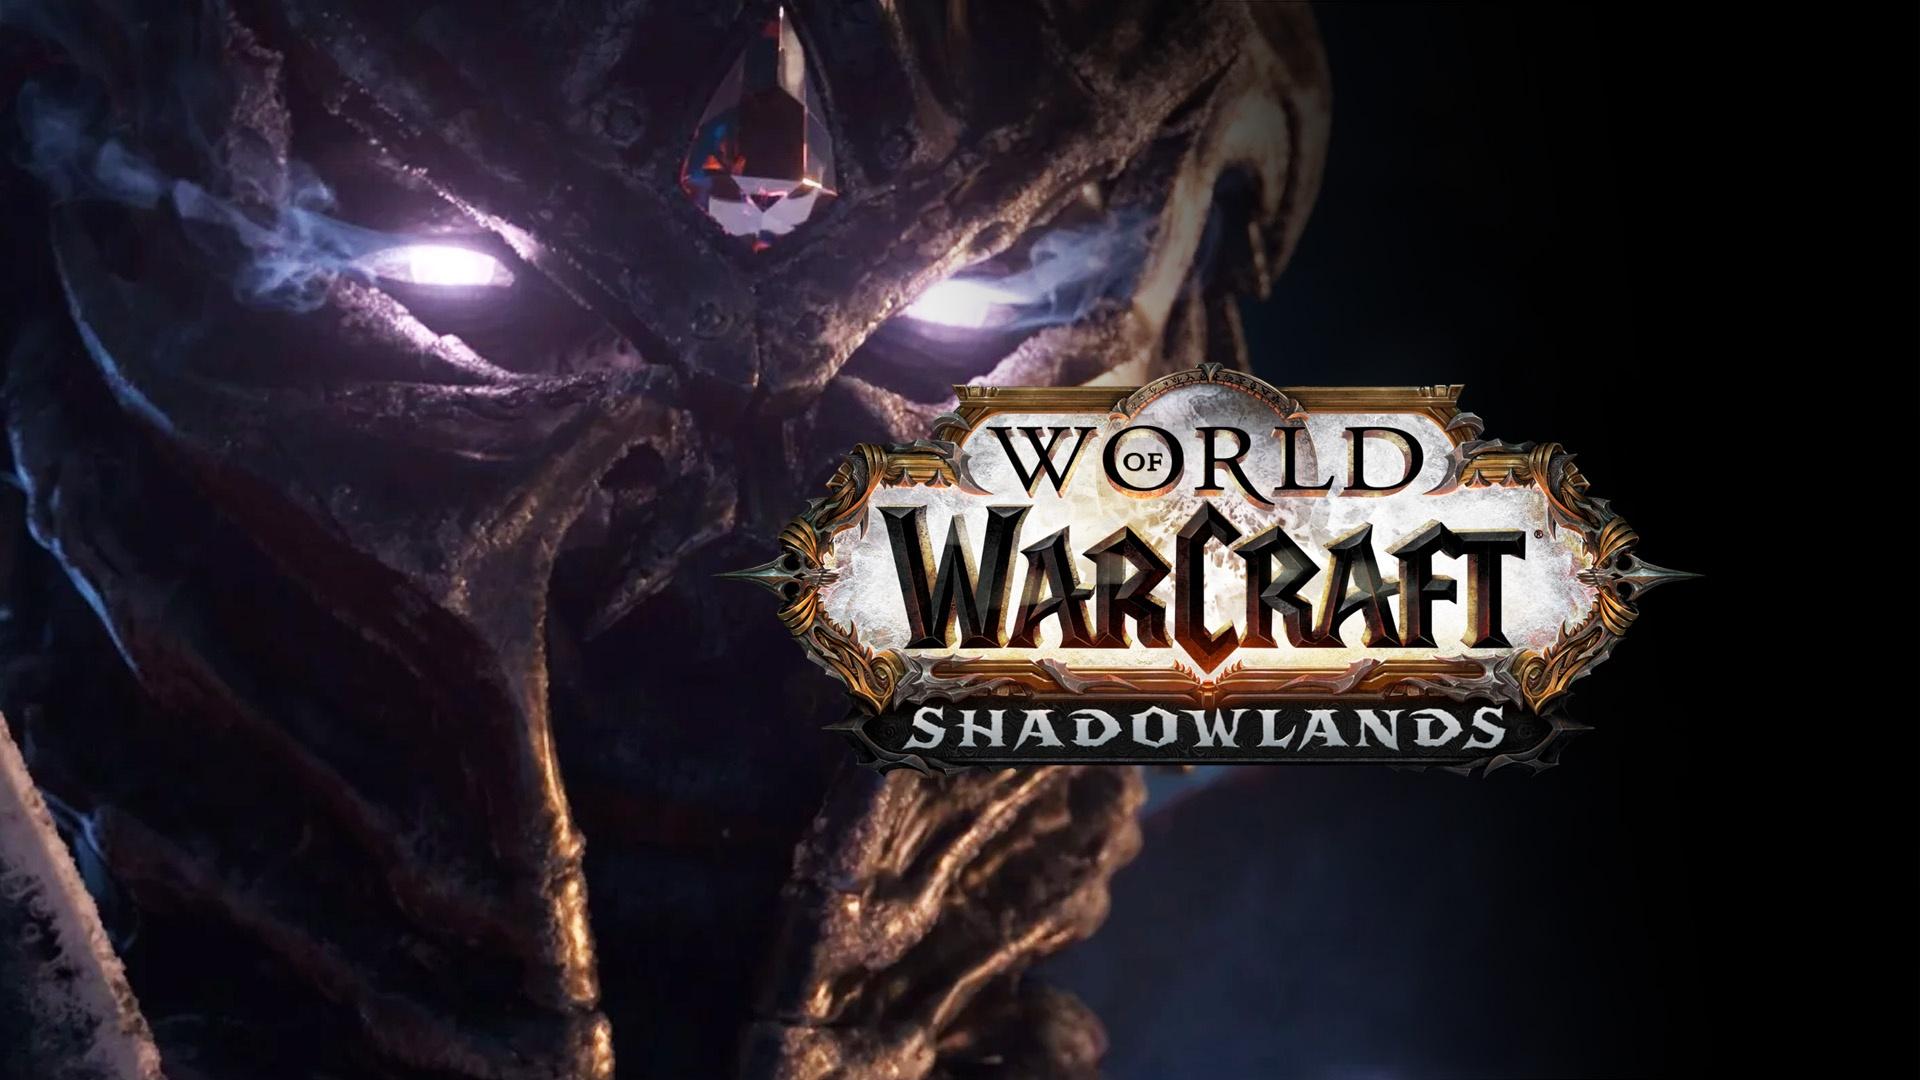 World of Warcraft: Shadowlands update